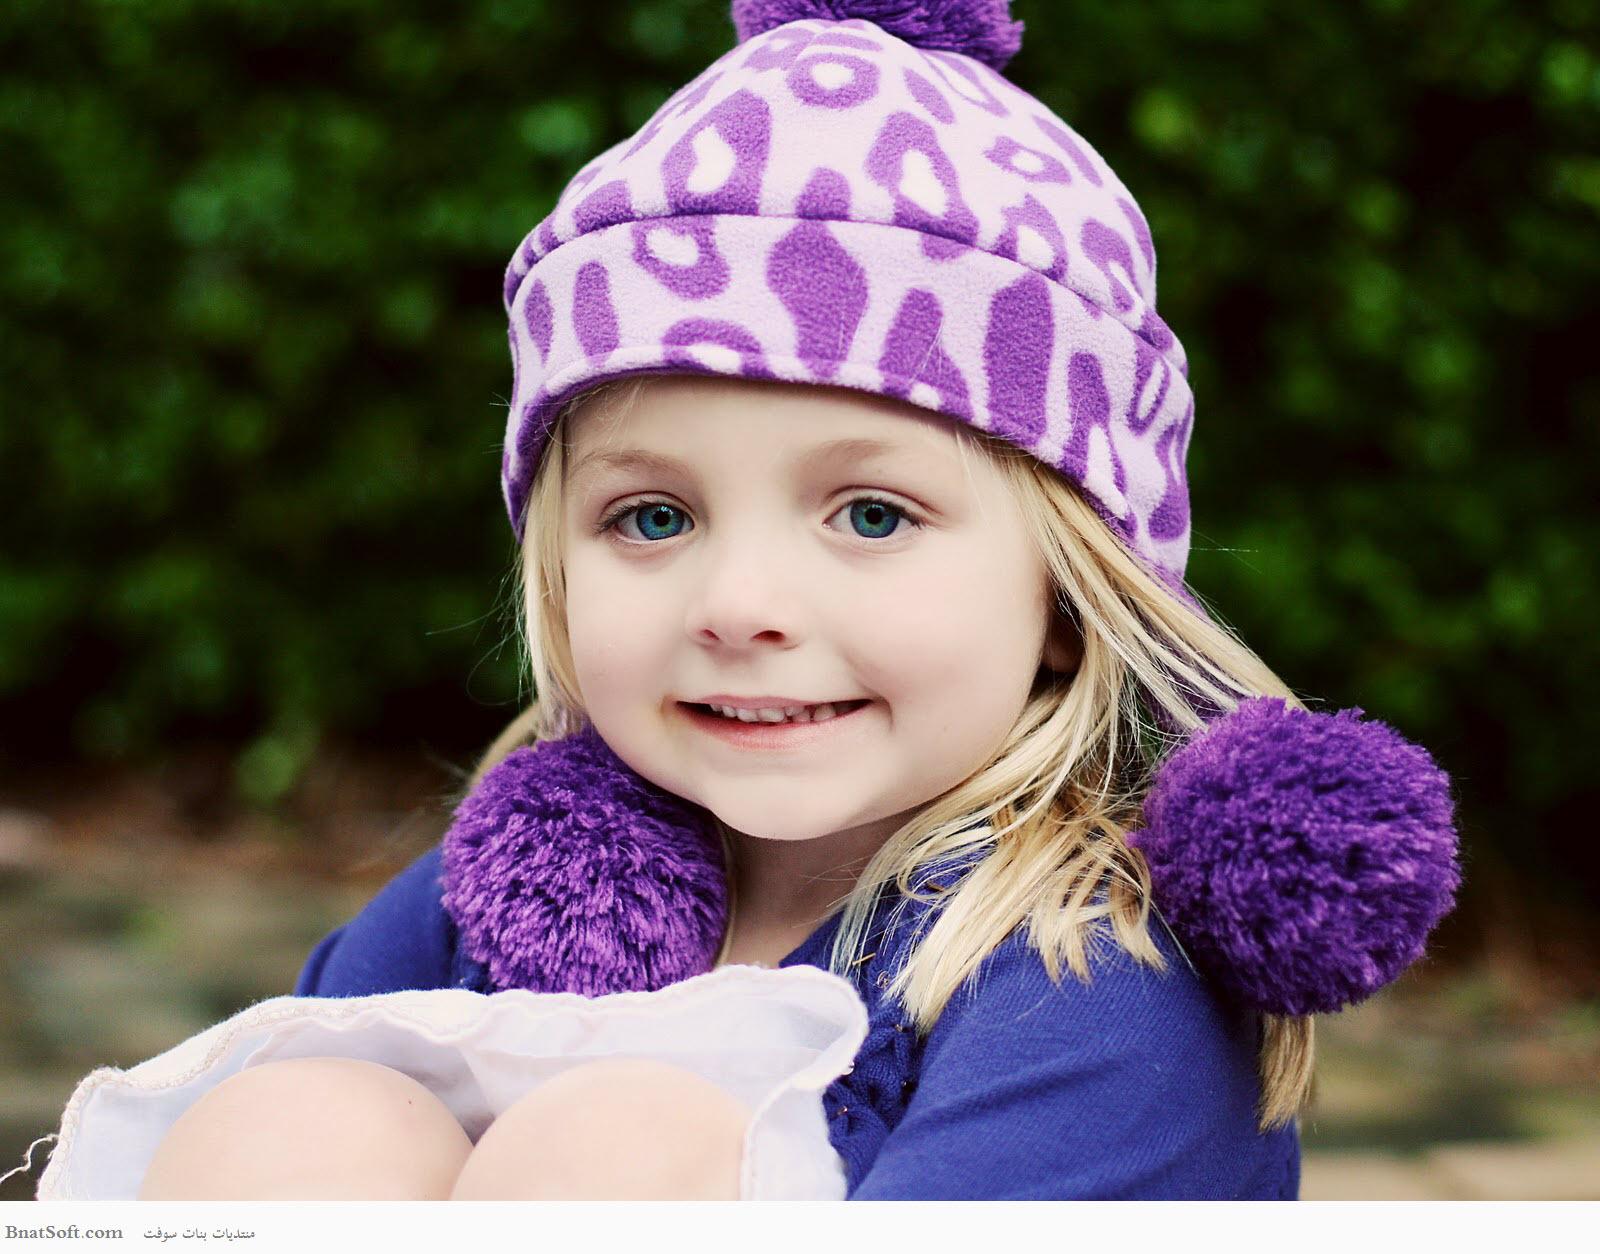 بالصور صور اجمل الاطفال , اجمل الاطفال في العالم unnamed file 41